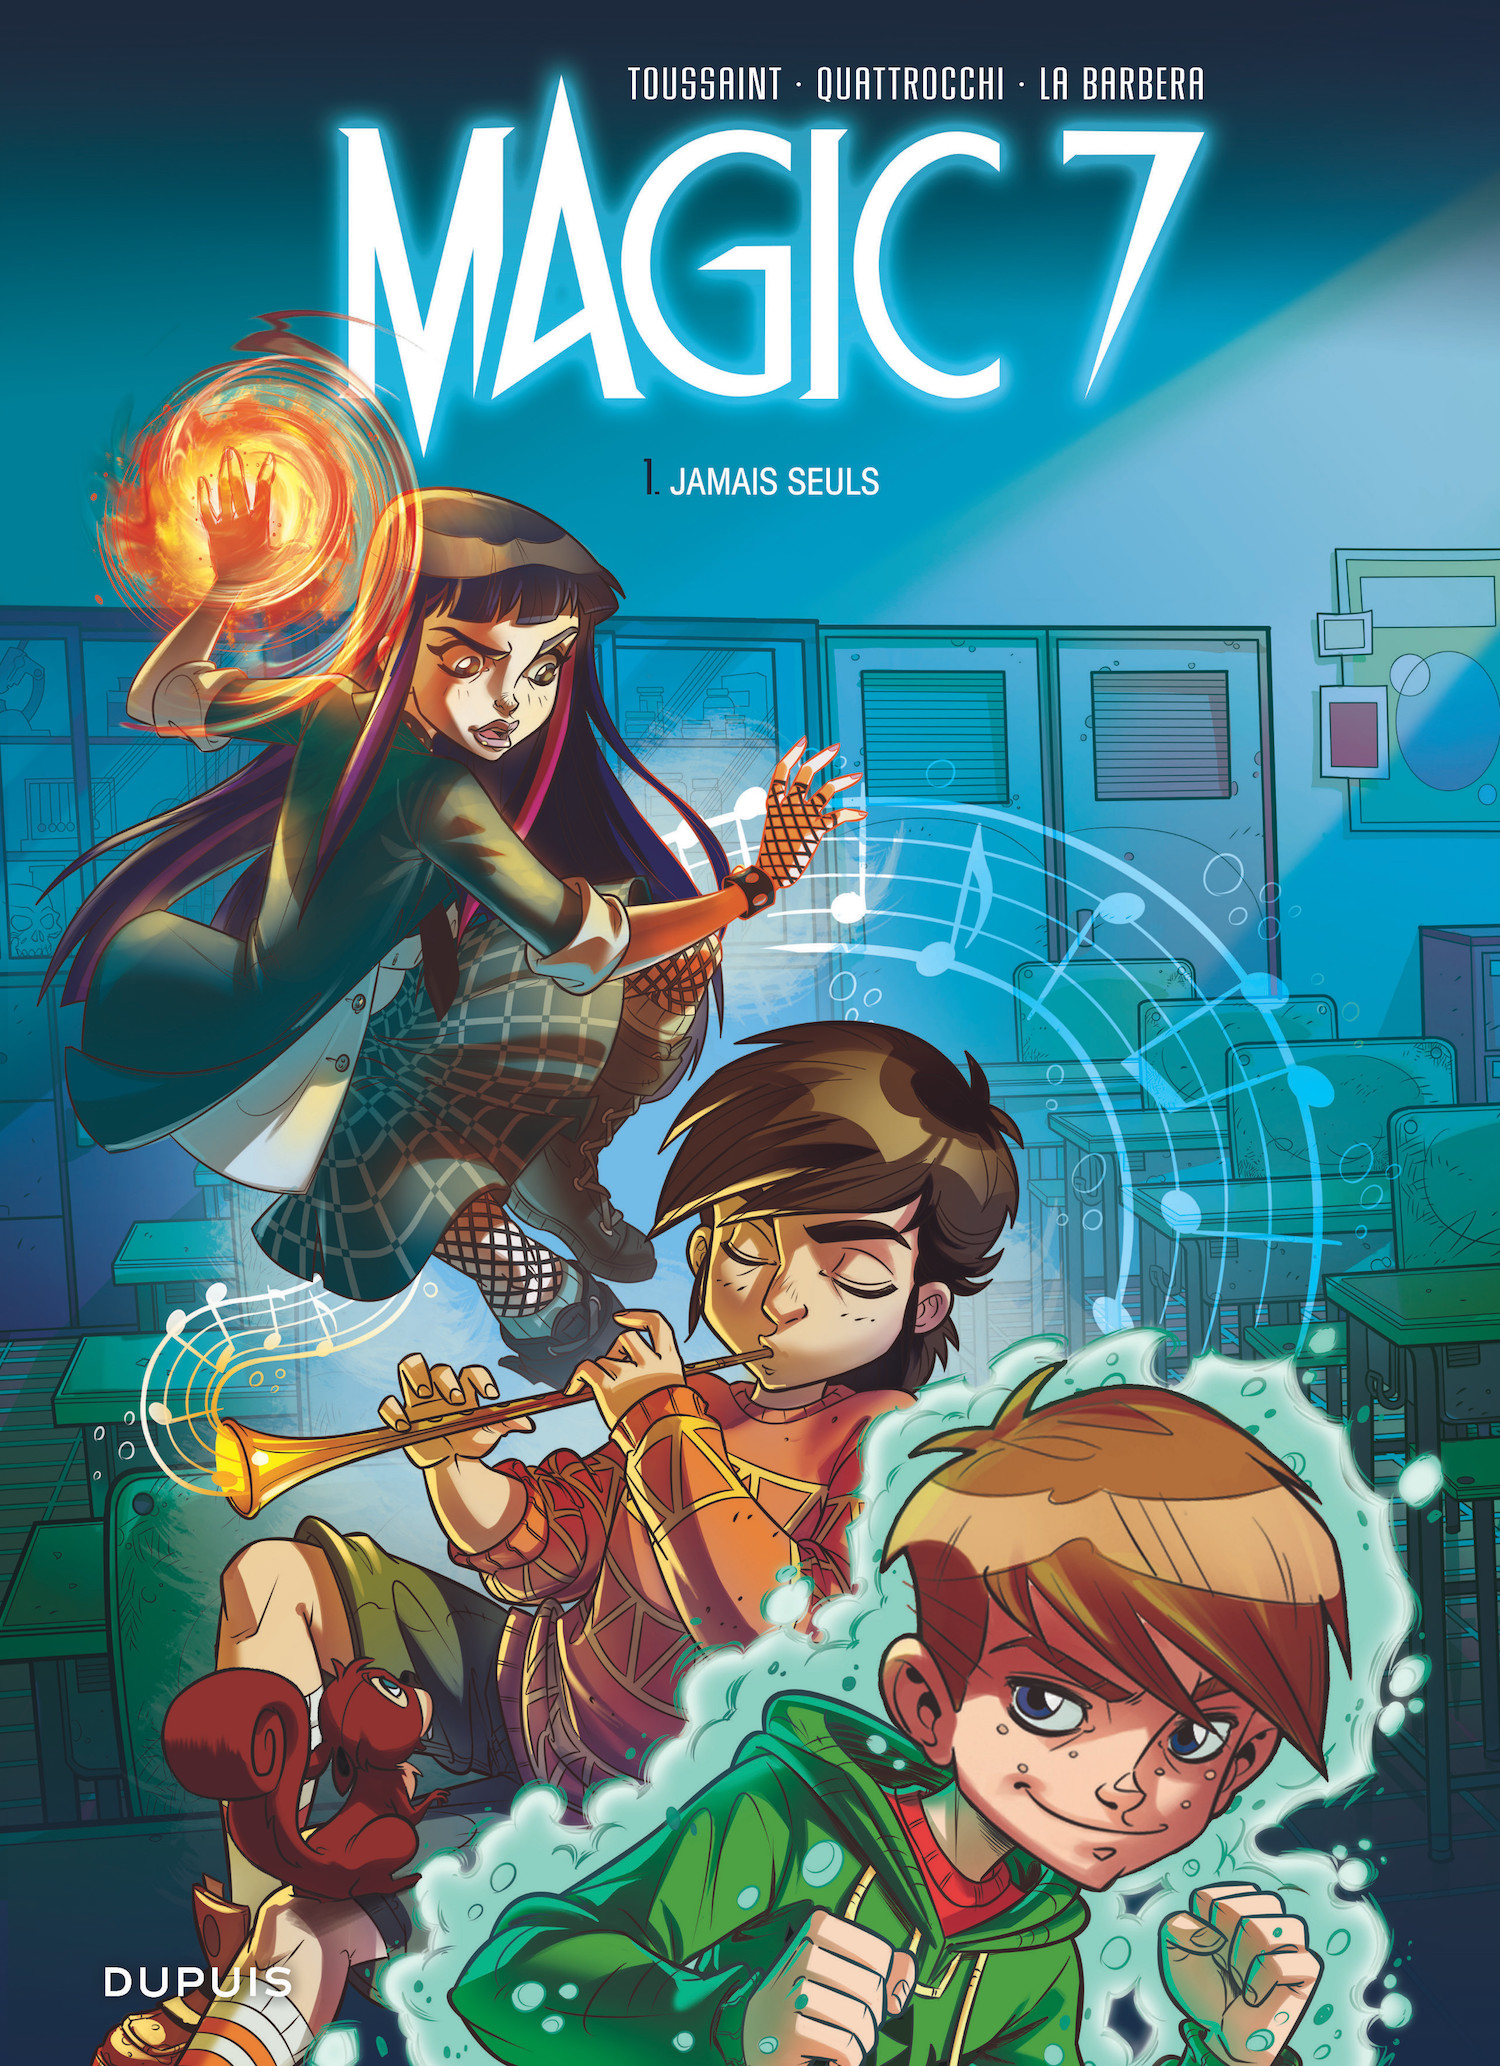 """Résultat de recherche d'images pour """"magic bd"""""""